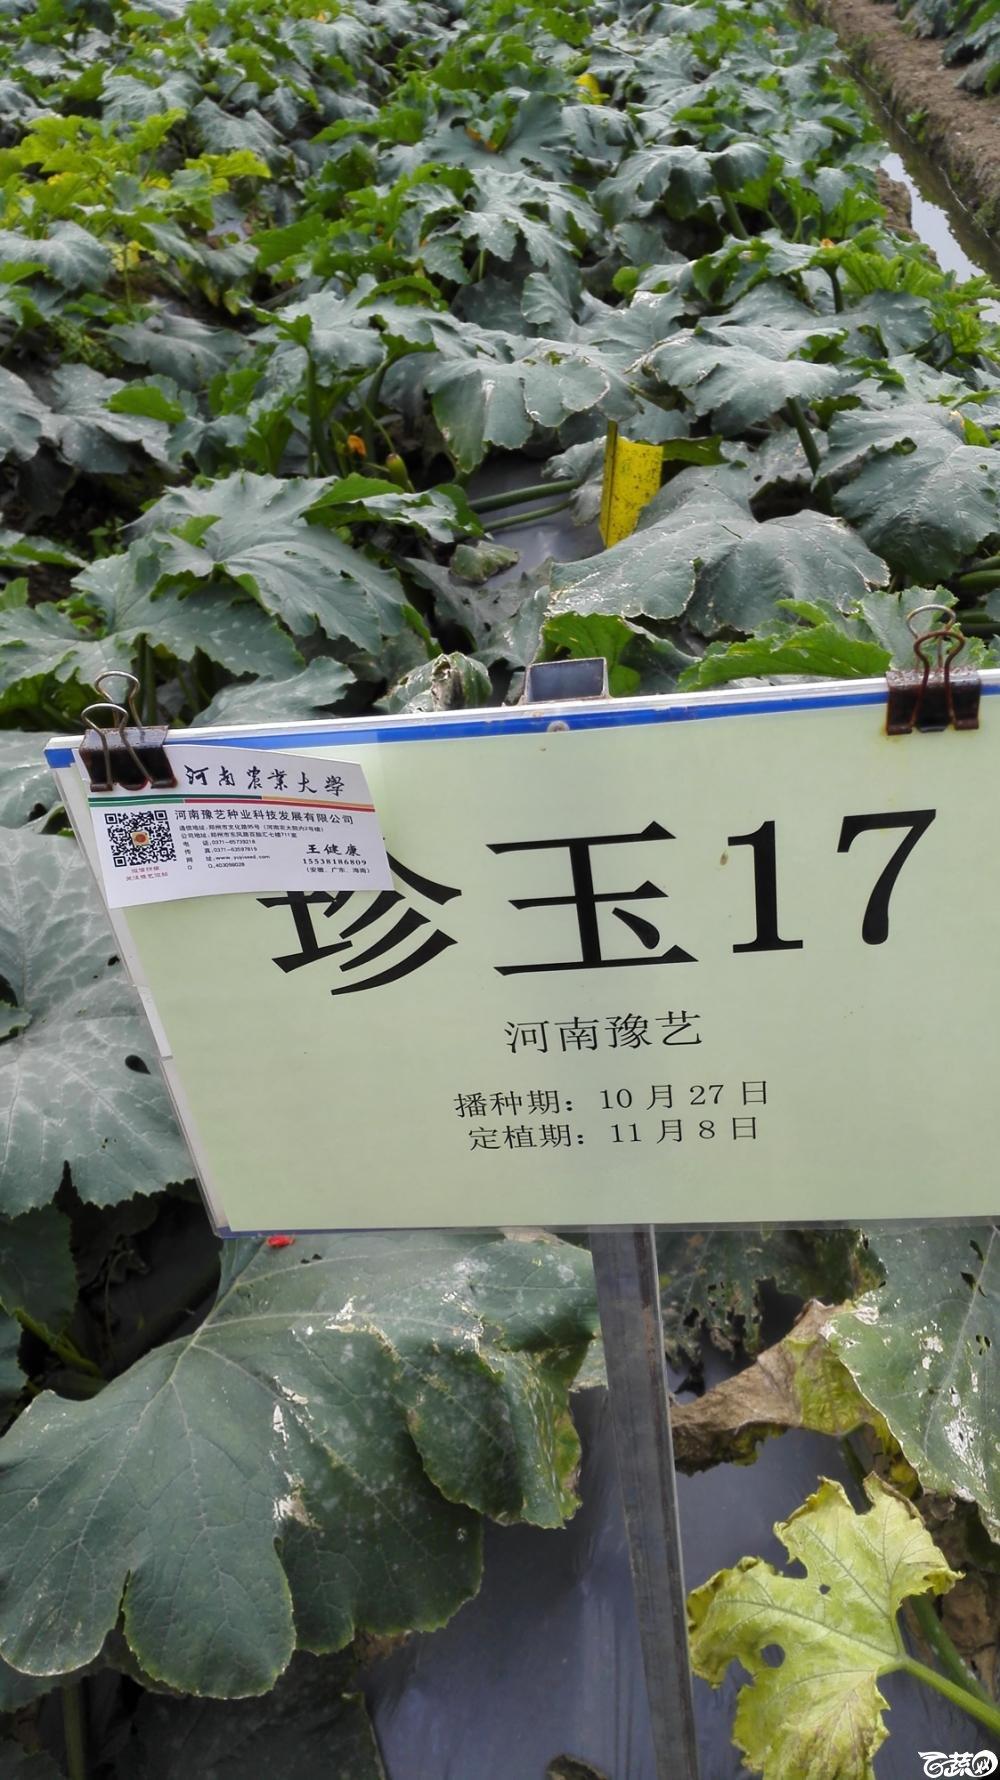 2014年12月8号中山蔬菜新品种展示会_瓜类_011.jpg